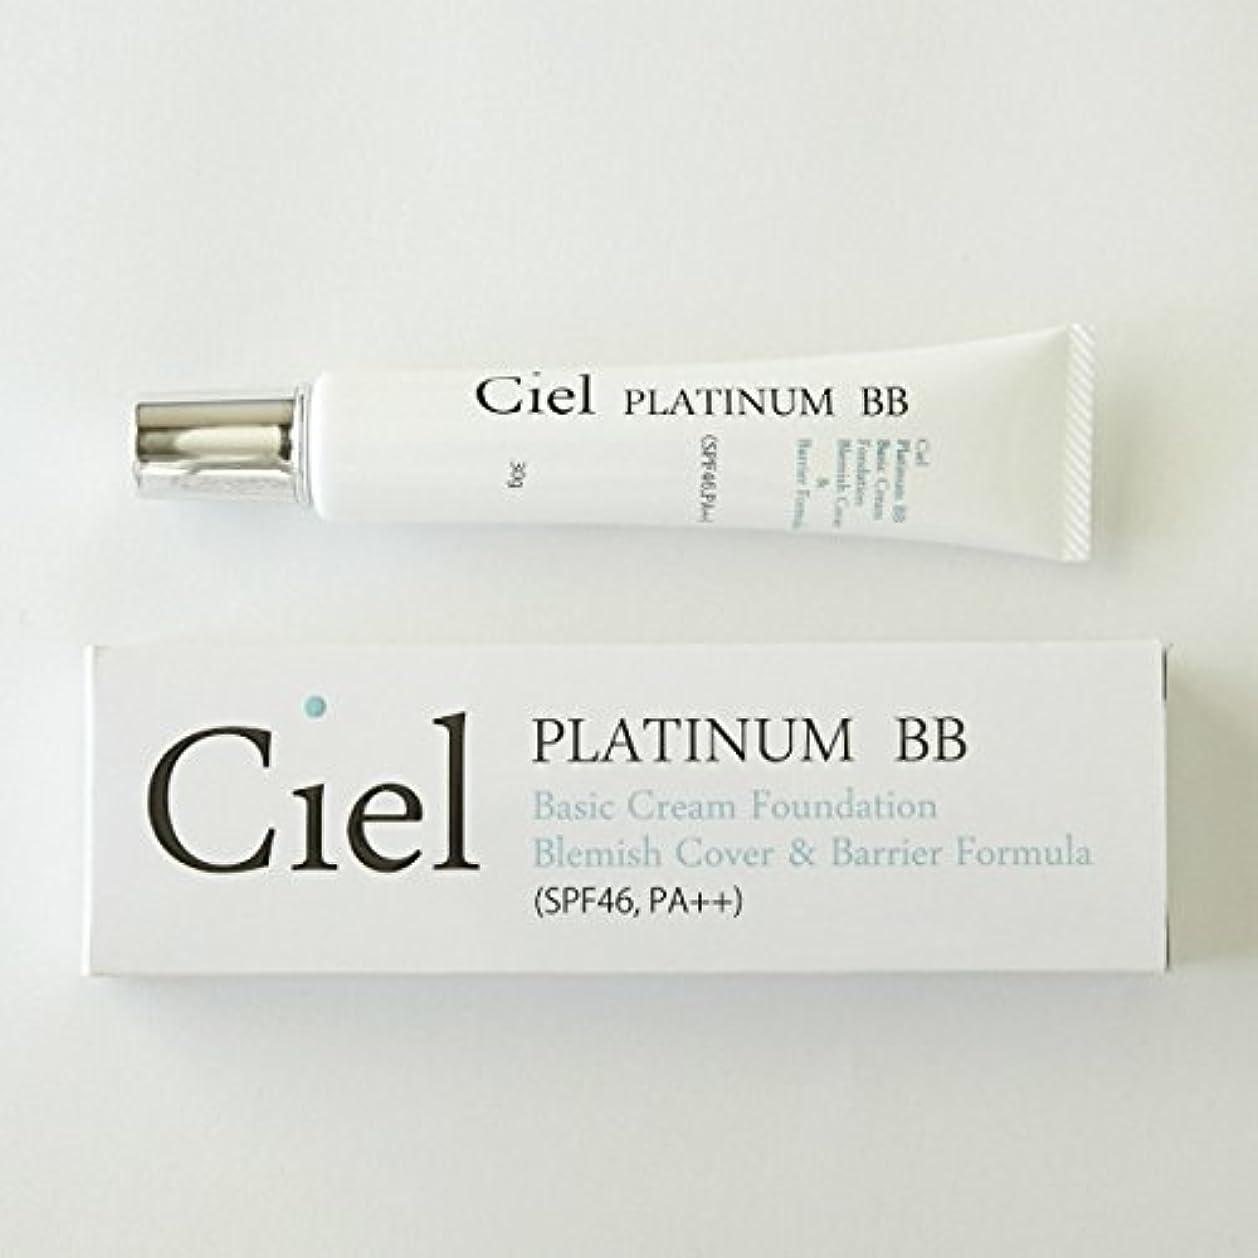 優先権利益Ciel Salon de Beaute Ciel PLATINUM BB SPF46 BBクリーム ファンデーション 日本製 日焼け止め